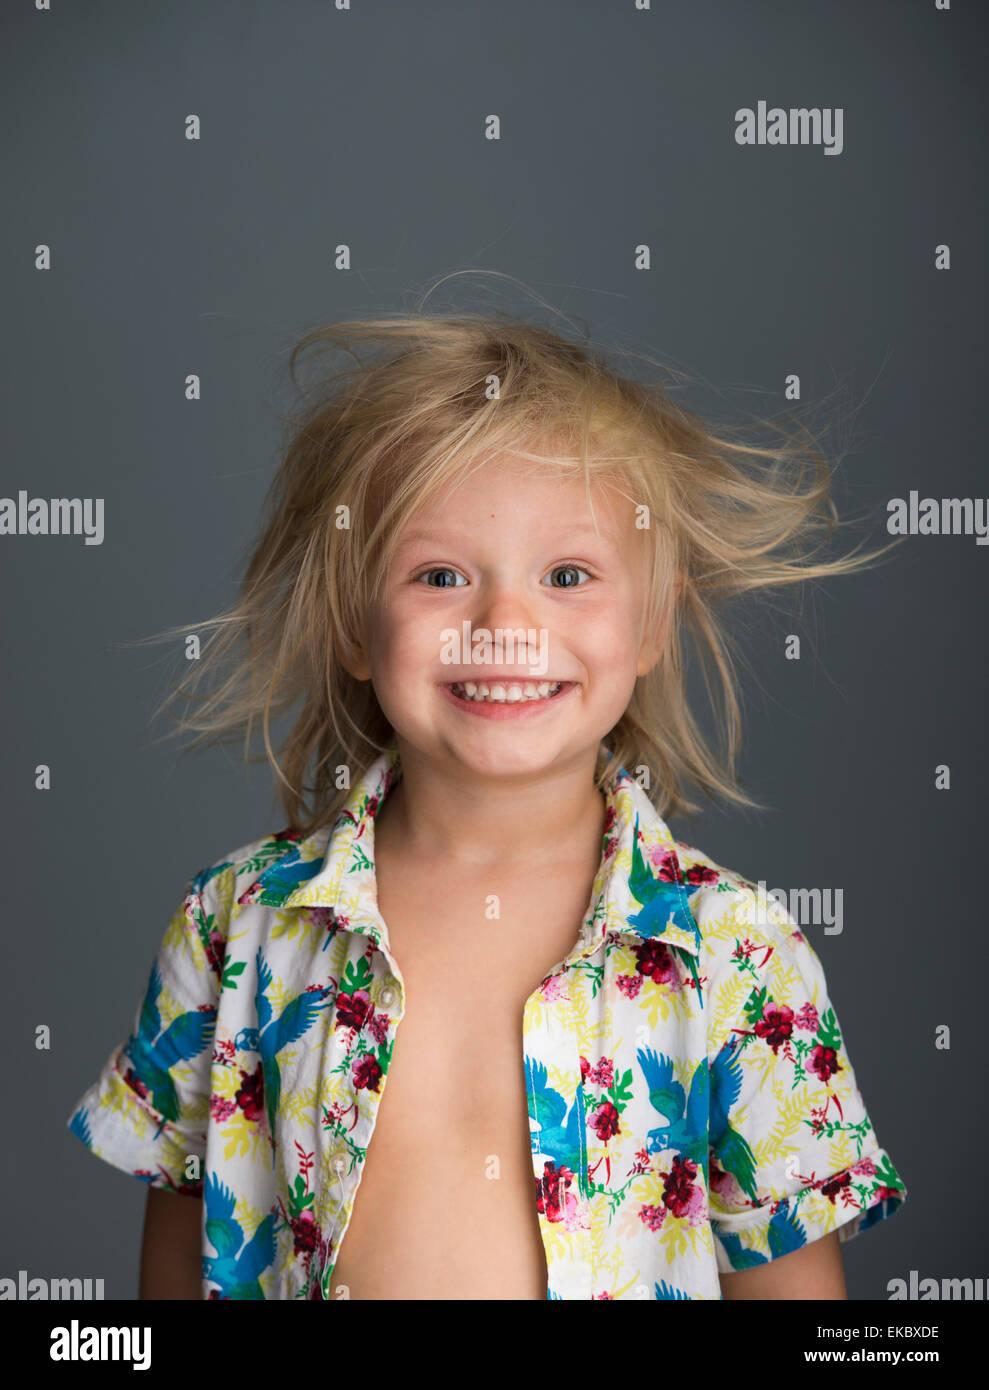 Portrait de jeune garçon avec les cheveux en désordre, smiling Photo Stock